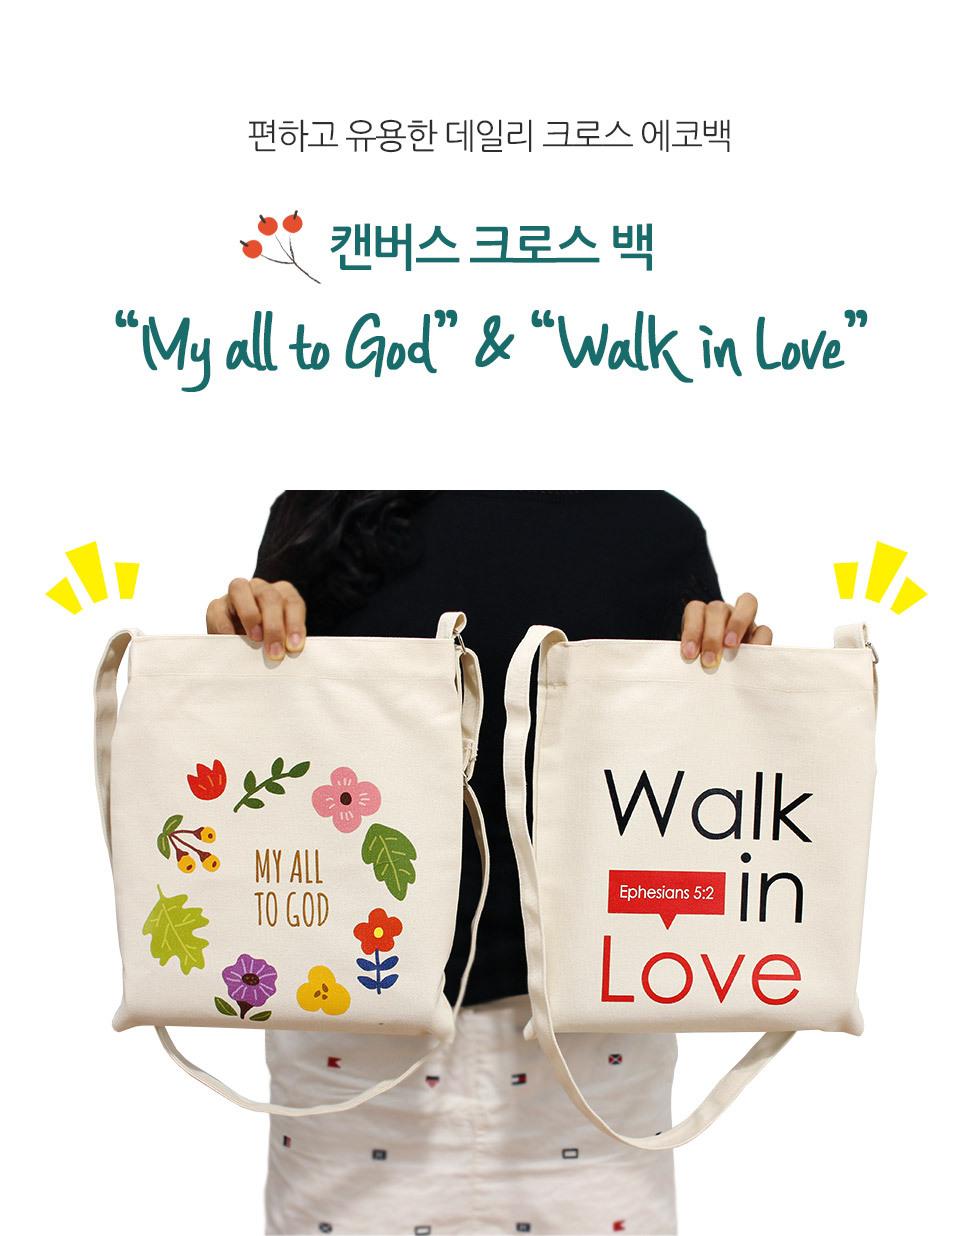 캔버스 크로스백 My all to God, Walk in Love (마이올, 러브) 크로스 에코백 교회가방 교회학교 단체가방 보조가방 활용도높은 데일리에코백 캔버스 보조가방